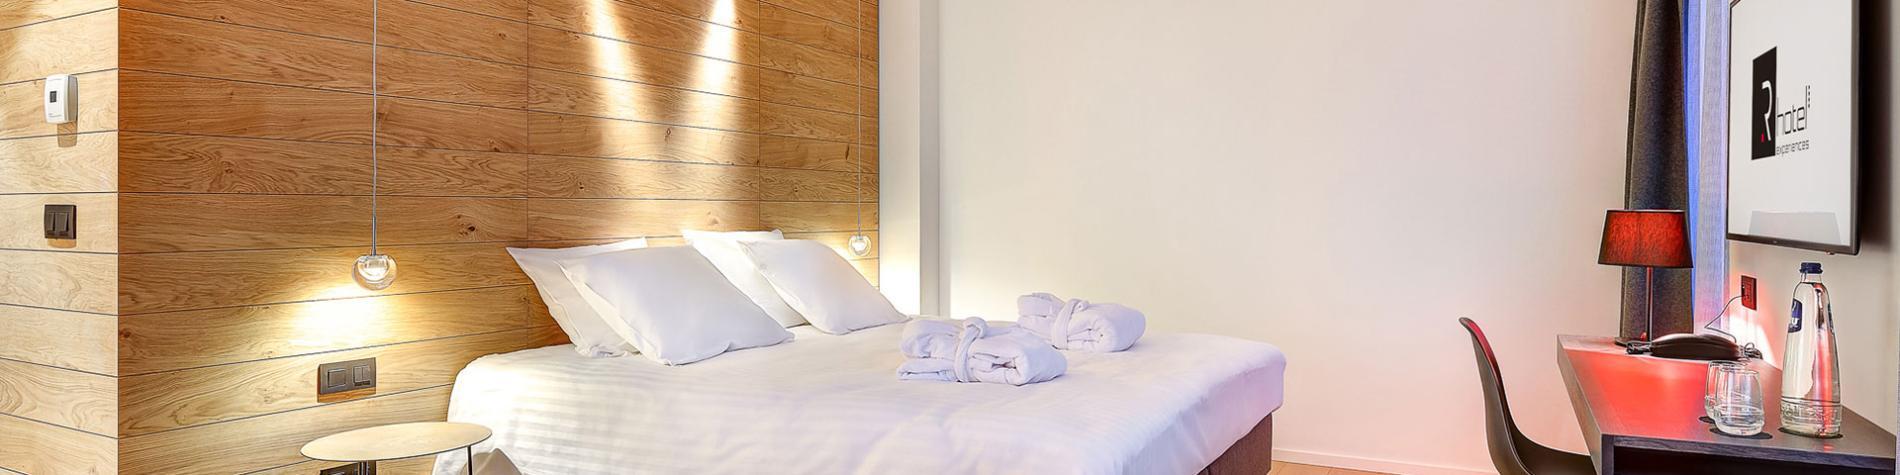 Chambre double avec tête de lit en bois, parfaits pour vos séminaires résidentiels en Wallonie